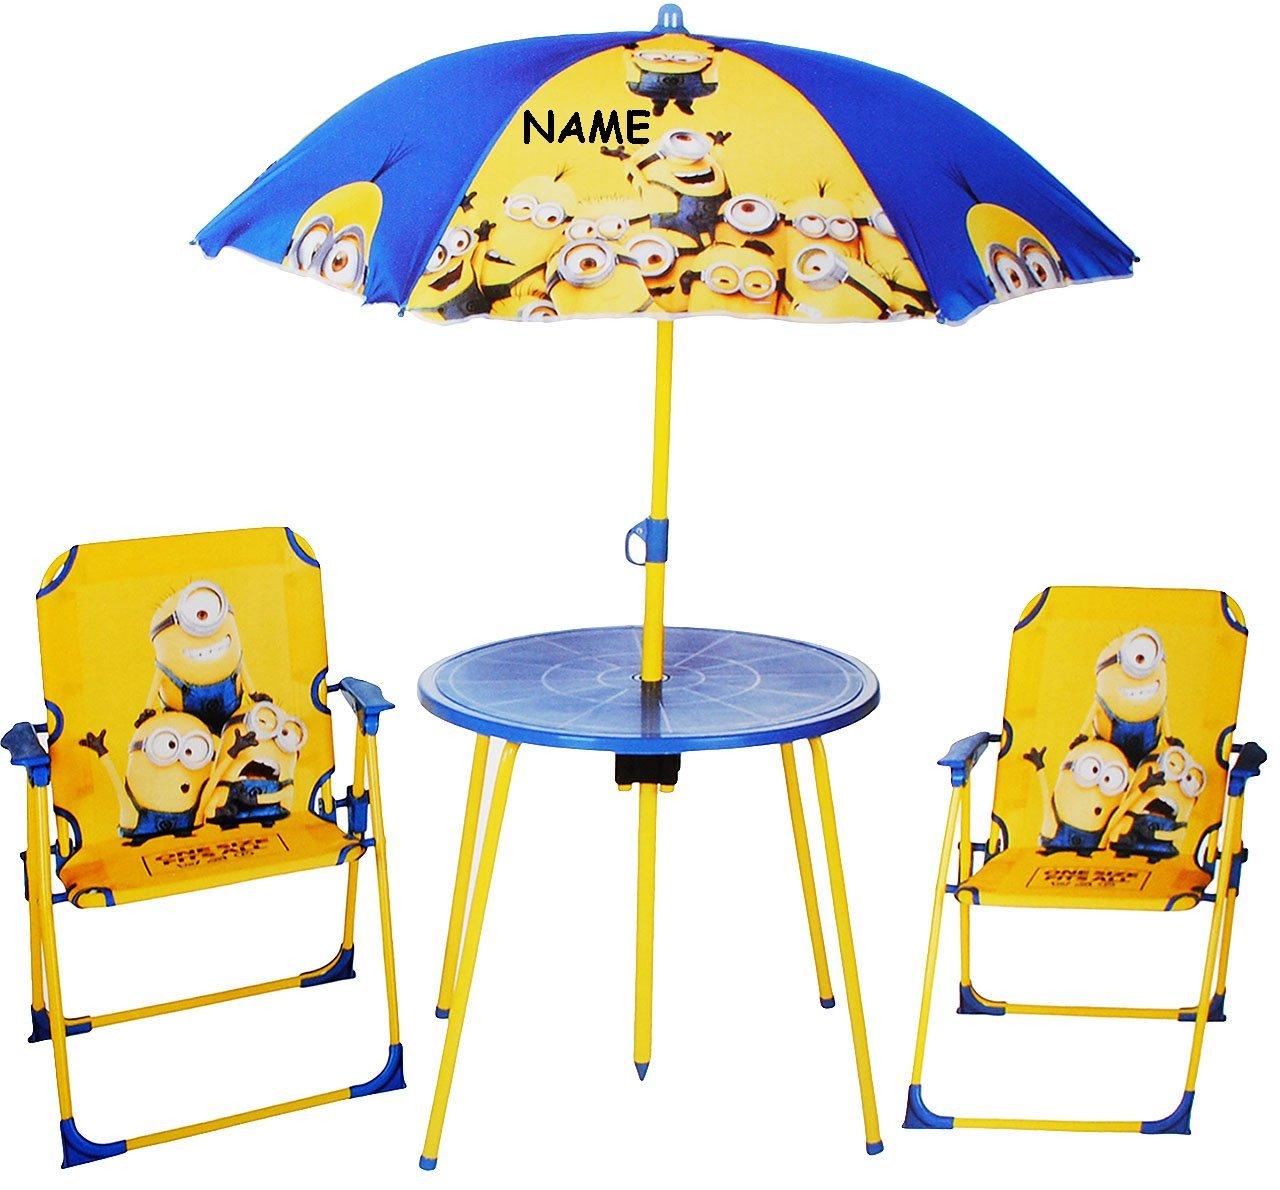 Sitzgruppe - Tisch + 2 Kinderstühle + Sonnenschirm -  Minion - Ich einfach unverbesserlich  - incl. Name - für Kinder - Campingstuhl - Klappstühle / kippsicher - für INNEN & AUßEN - Klappstuhl - Kindermöbel für Mädchen & Jungen - Plastik / Nylon & Metall - Stuhl Stühle / Kinderzimmer / Kindertisch - Kinder - Gartenmöbel Kindertischgruppe - Minions / Mark Dave Stuart Bob Kevin - für Kinder - Despicable Me